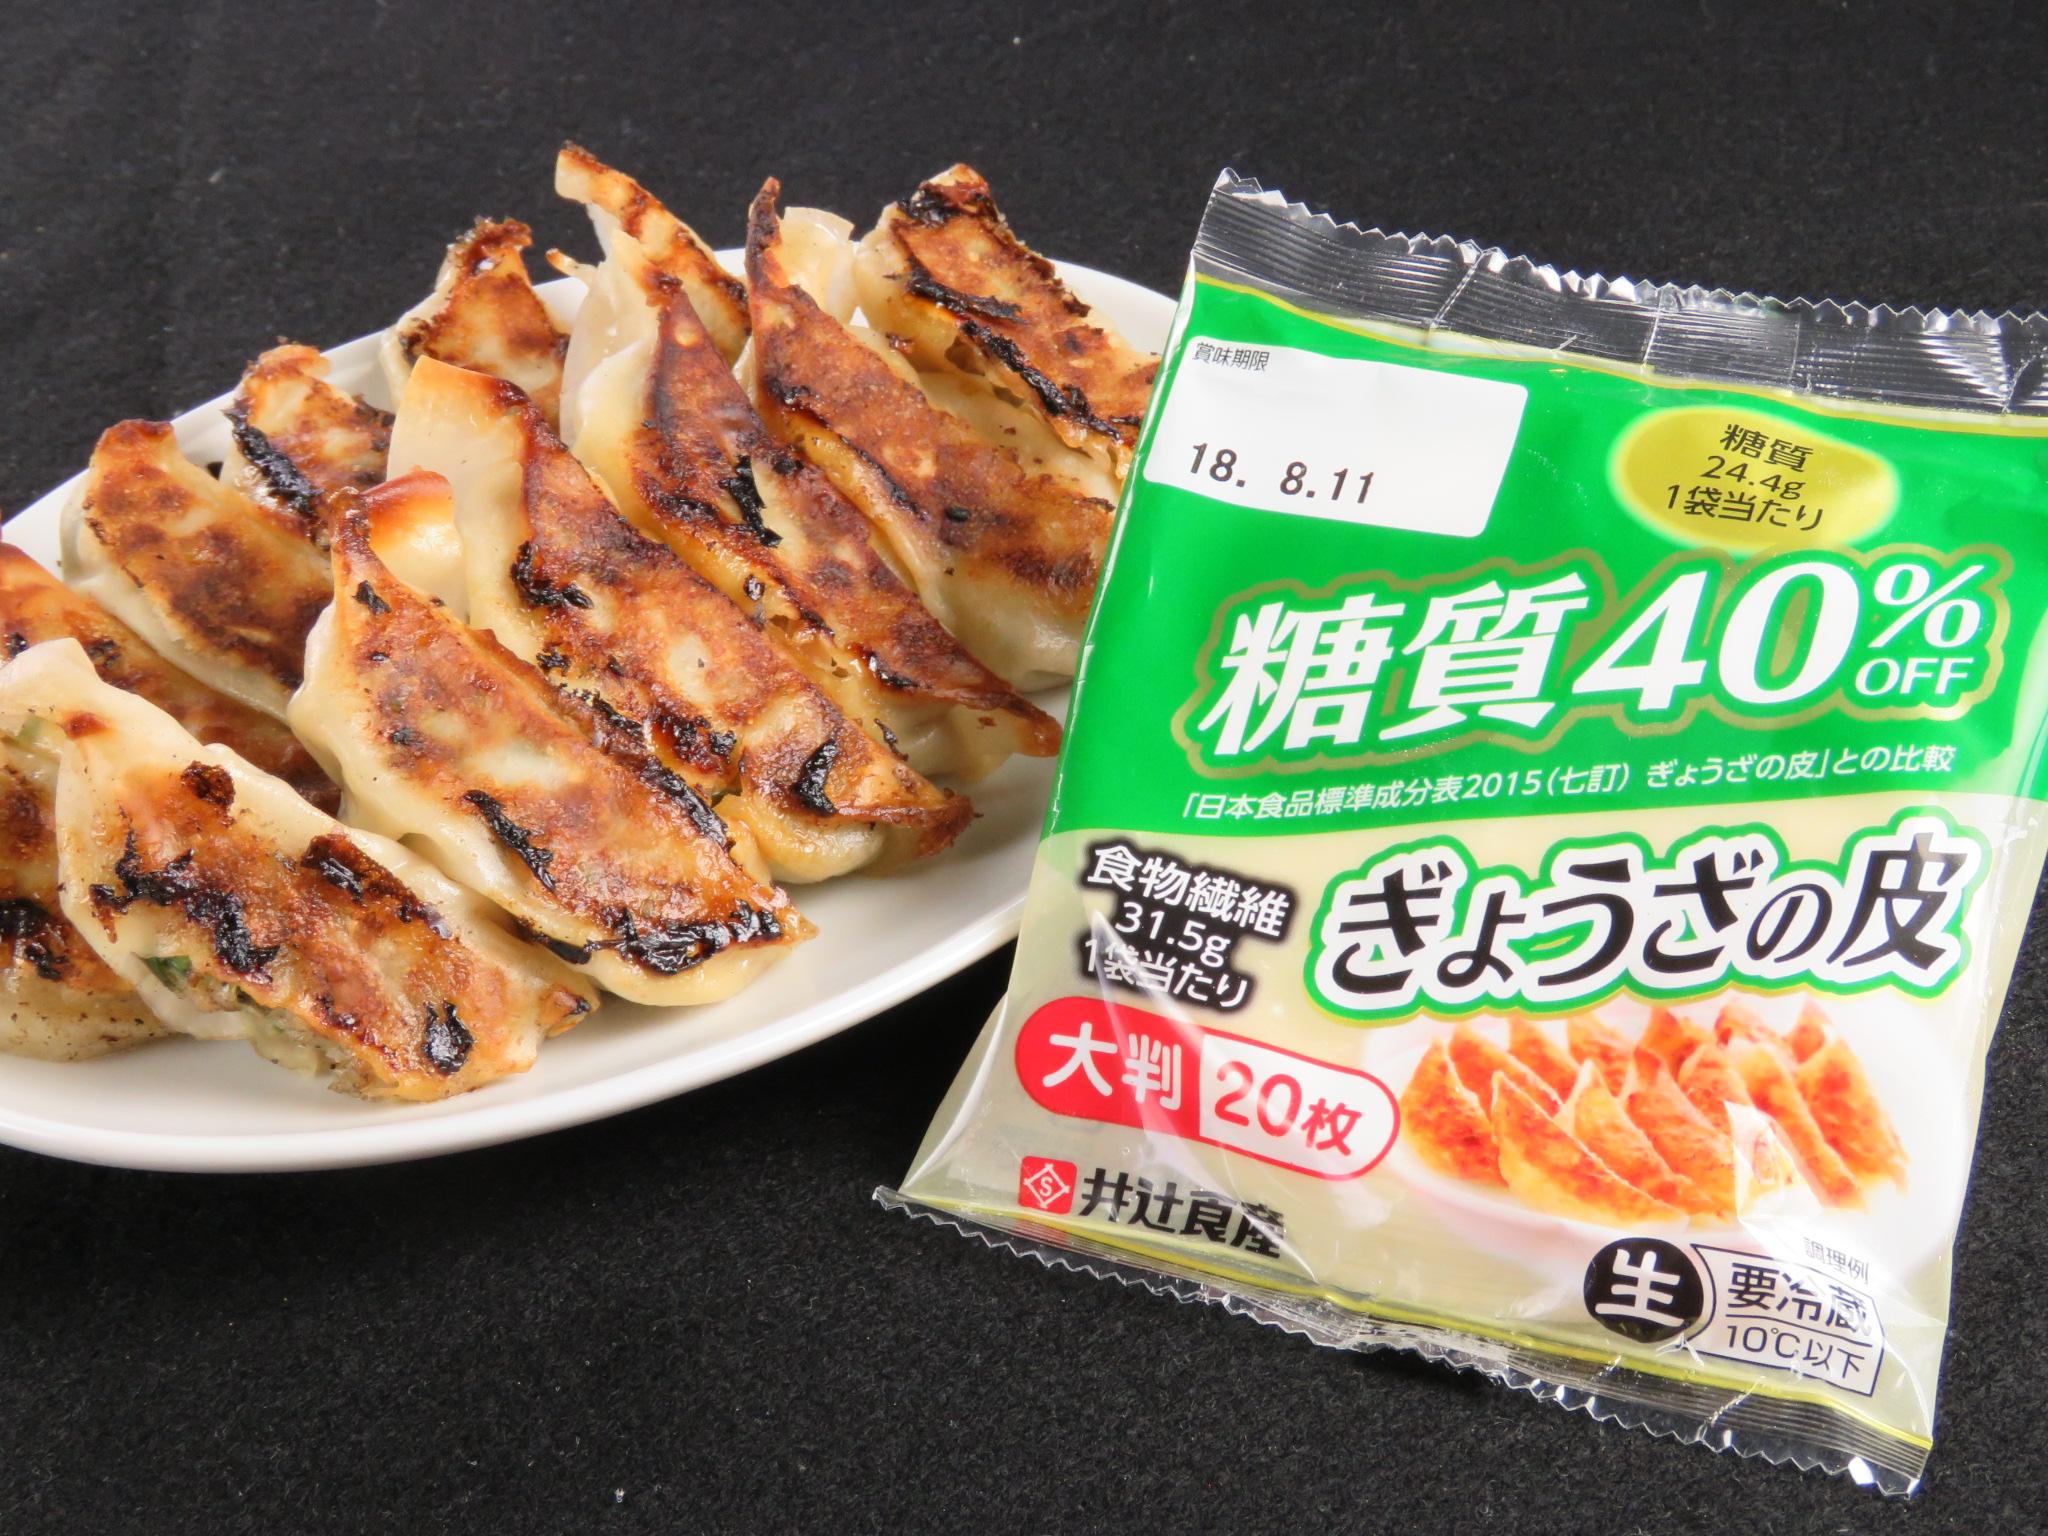 餃子家龍の餃子出荷可能で餃子います(^_-)